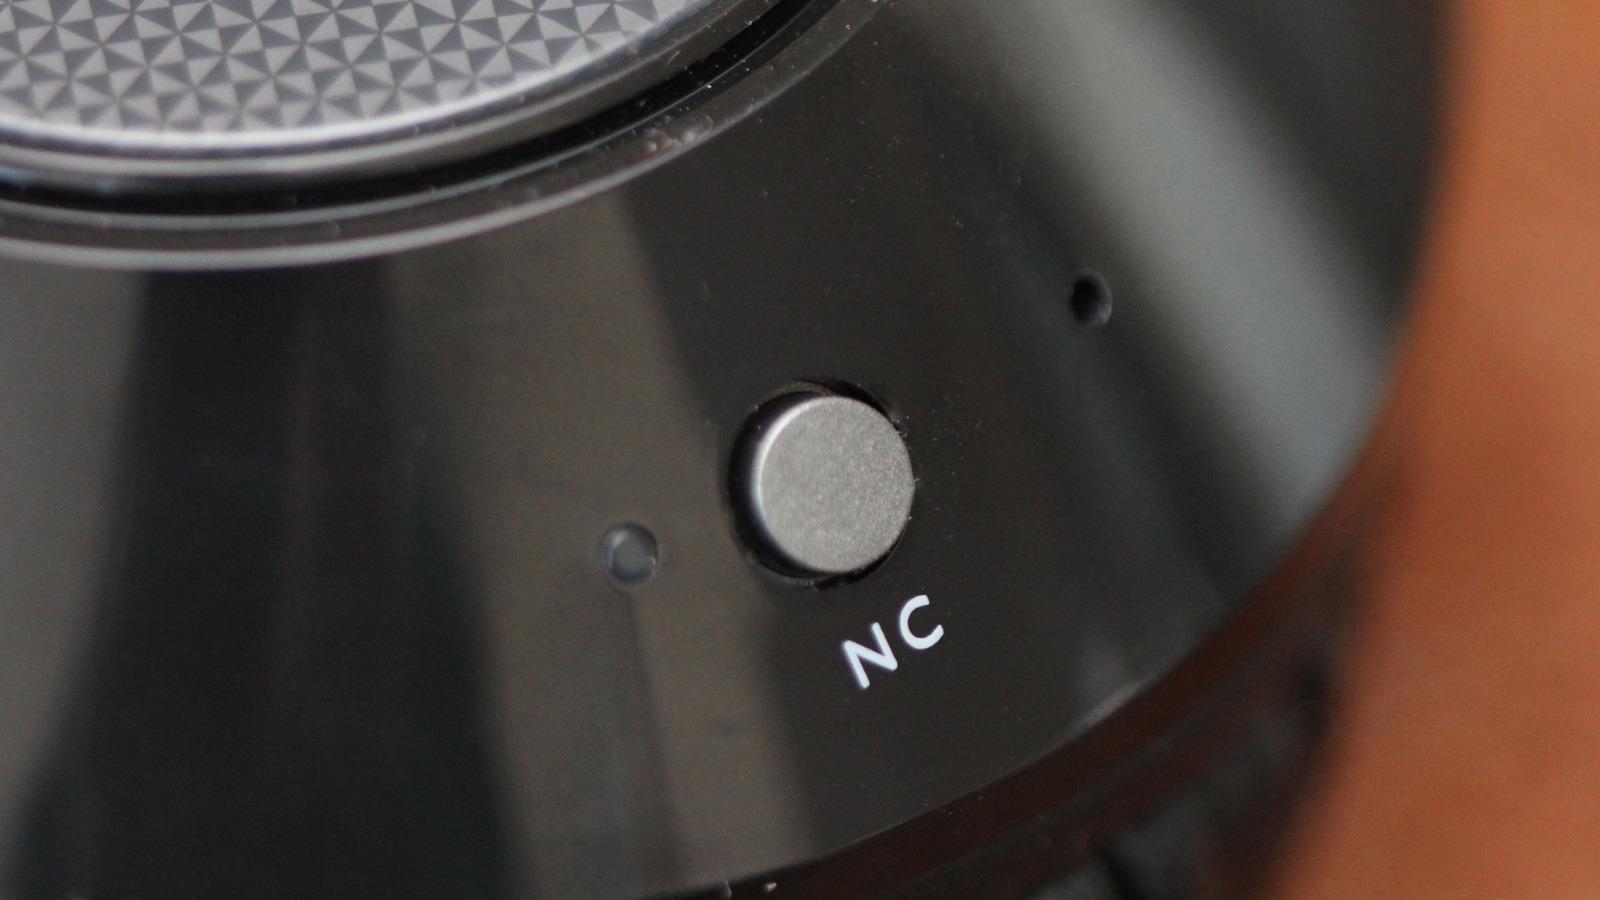 Noise canselling-funksjonen på Philips SHB9850NC virker mot sin hensikt. Foto: Espen Irwing Swang, Tek.no